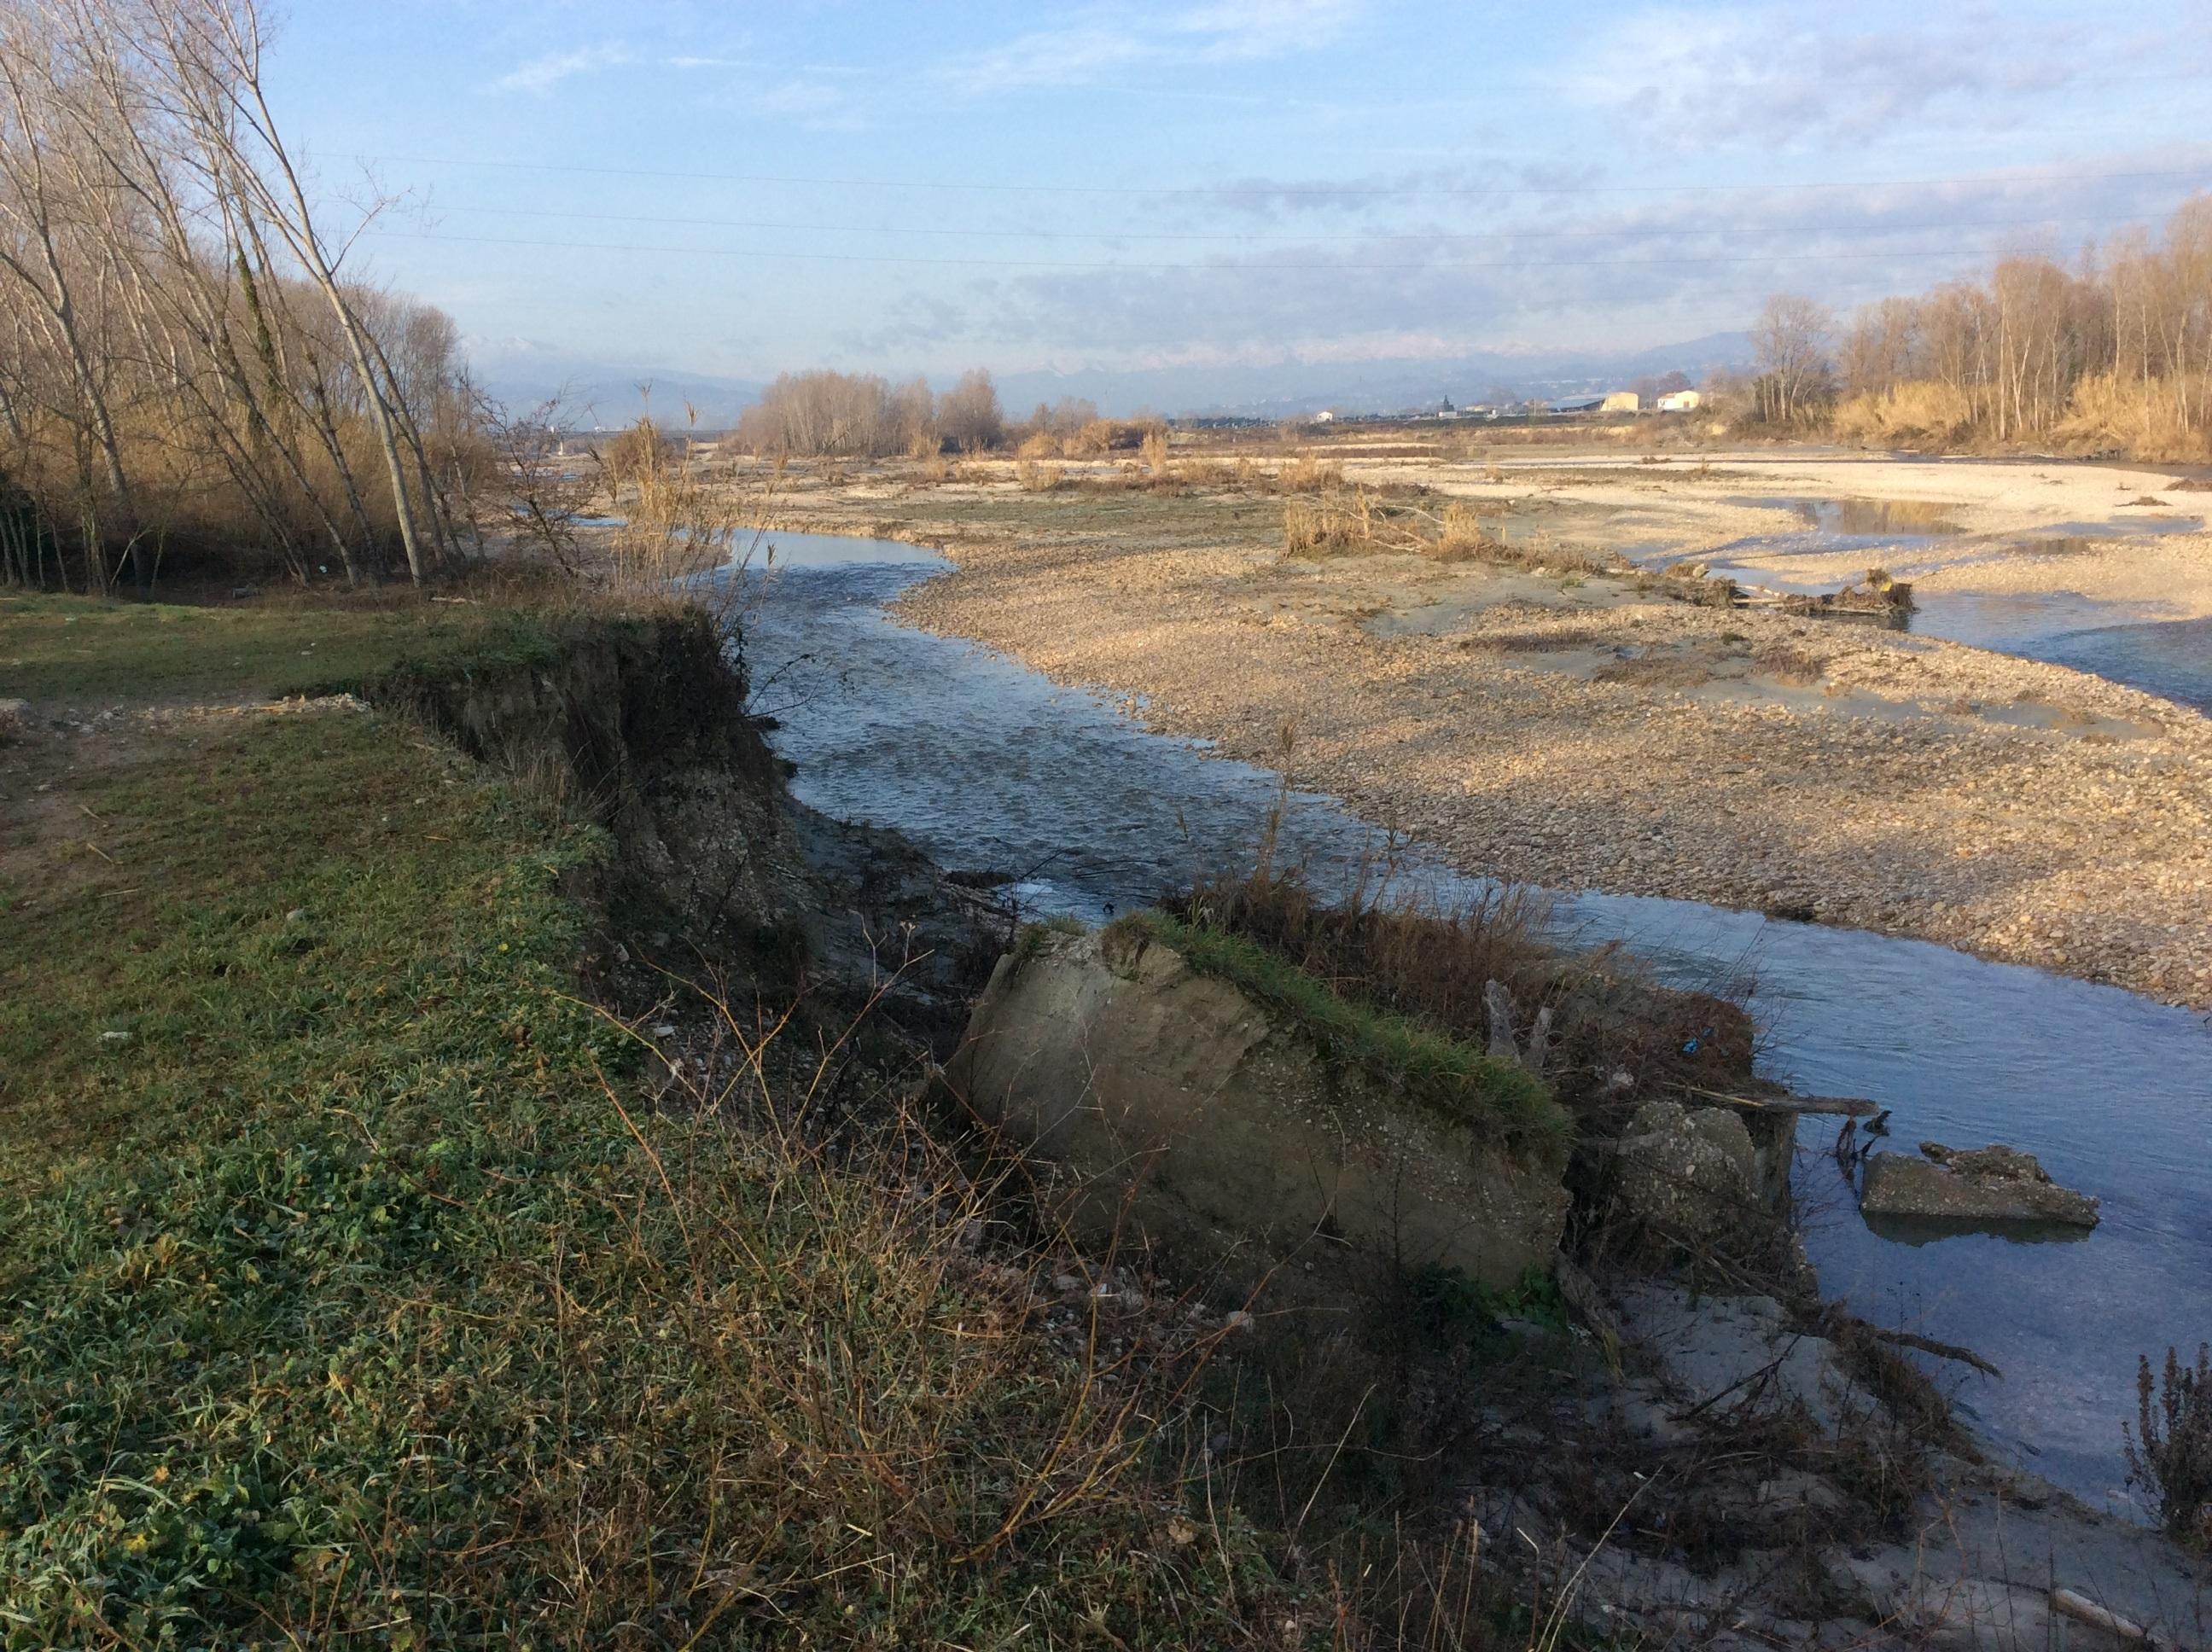 Mettere in sicurezza l'argine del fiume Vomano